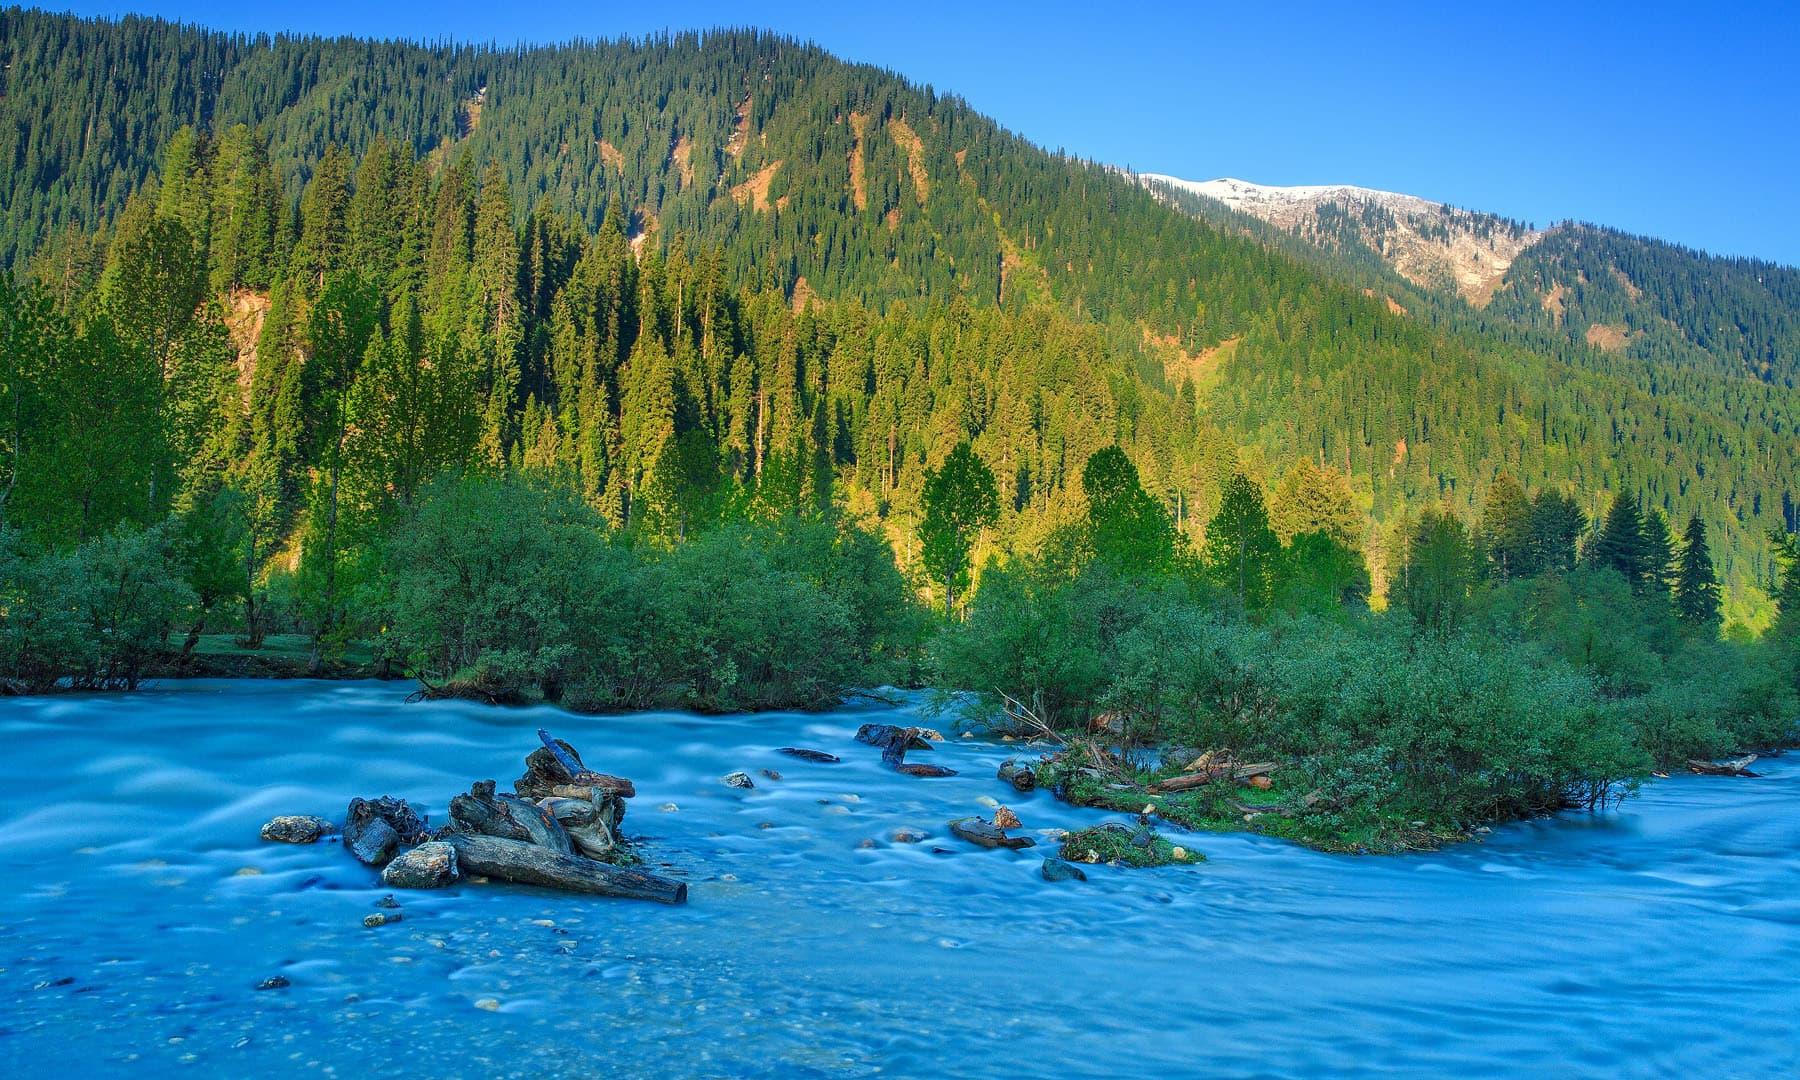 تاؤبٹ میں دریائے نیلم. تاؤبٹ. (لانگ ایکسپوژر) — فوٹو سید مہدی بخاری۔